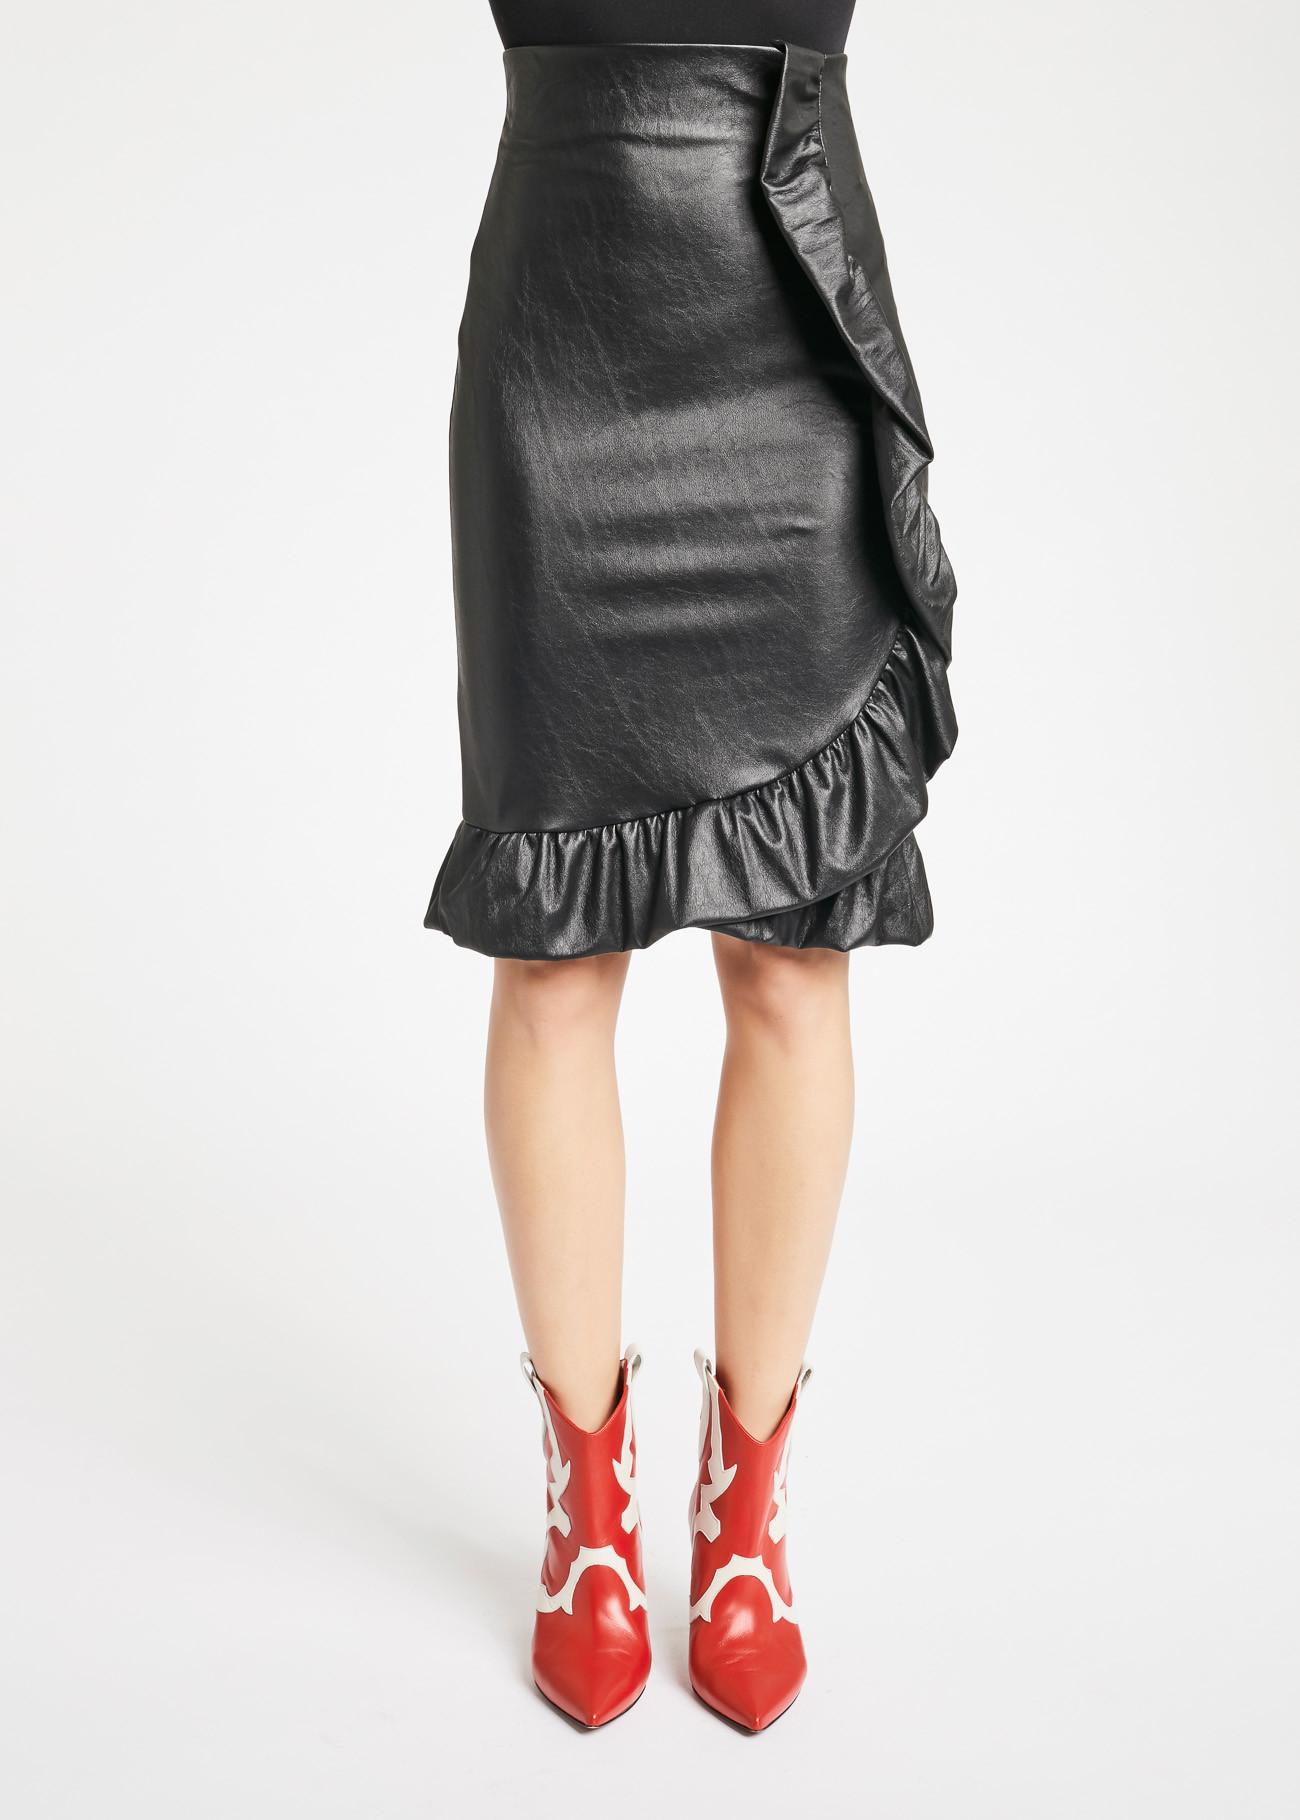 芸能人が人生が変わる1分間の深イイ話で着用した衣装スカート、ニット